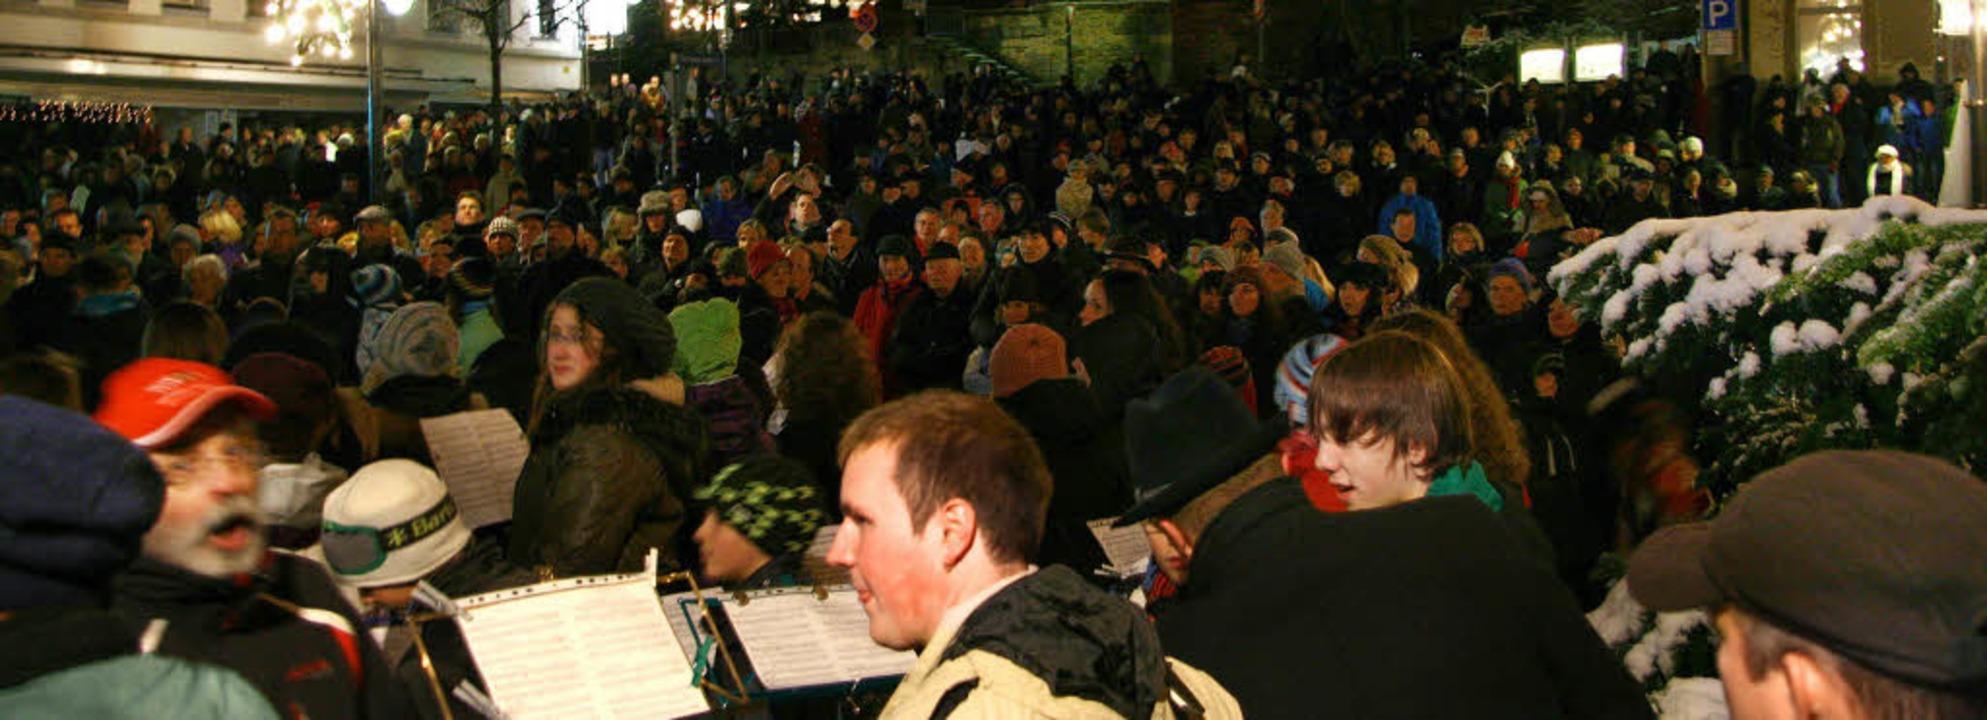 Stadtmusik, Jugendkapelle und Männerch...d Hunderte von Besuchern  sangen mit.     Foto: Eva Korinth